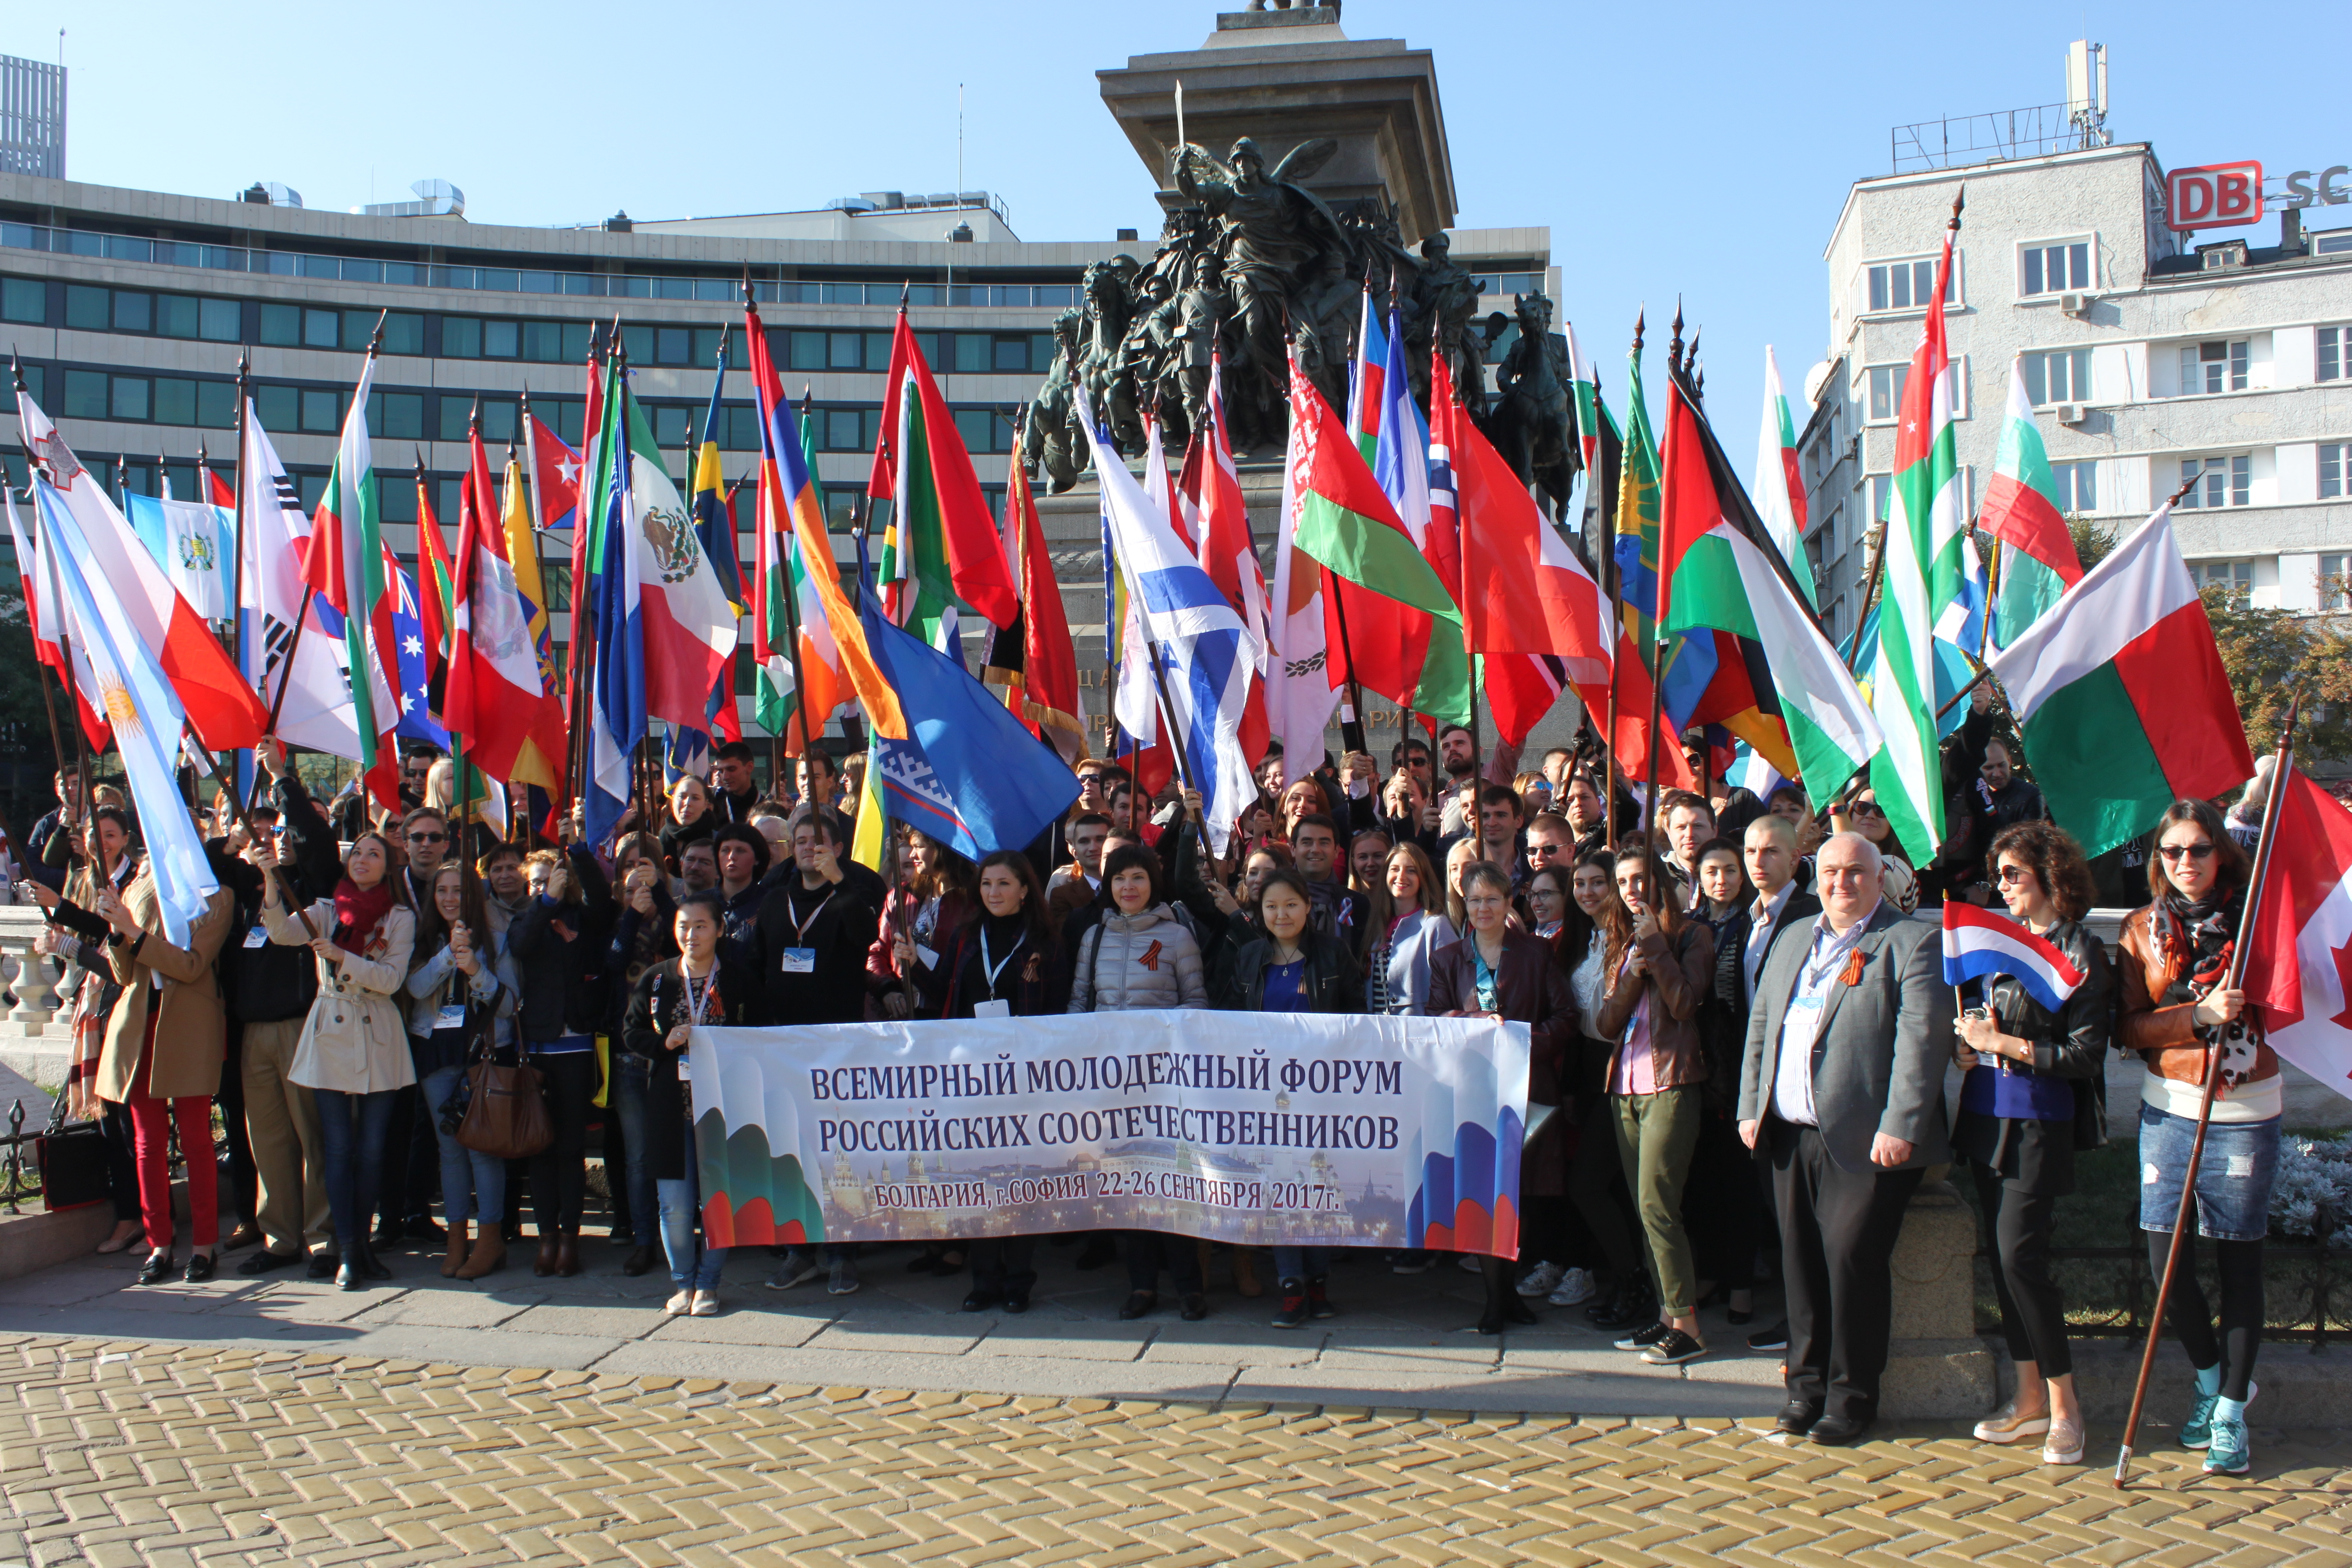 Канаду на III Всемирном молодёжном форуме в Болгарии представляла девушка из Оттавы